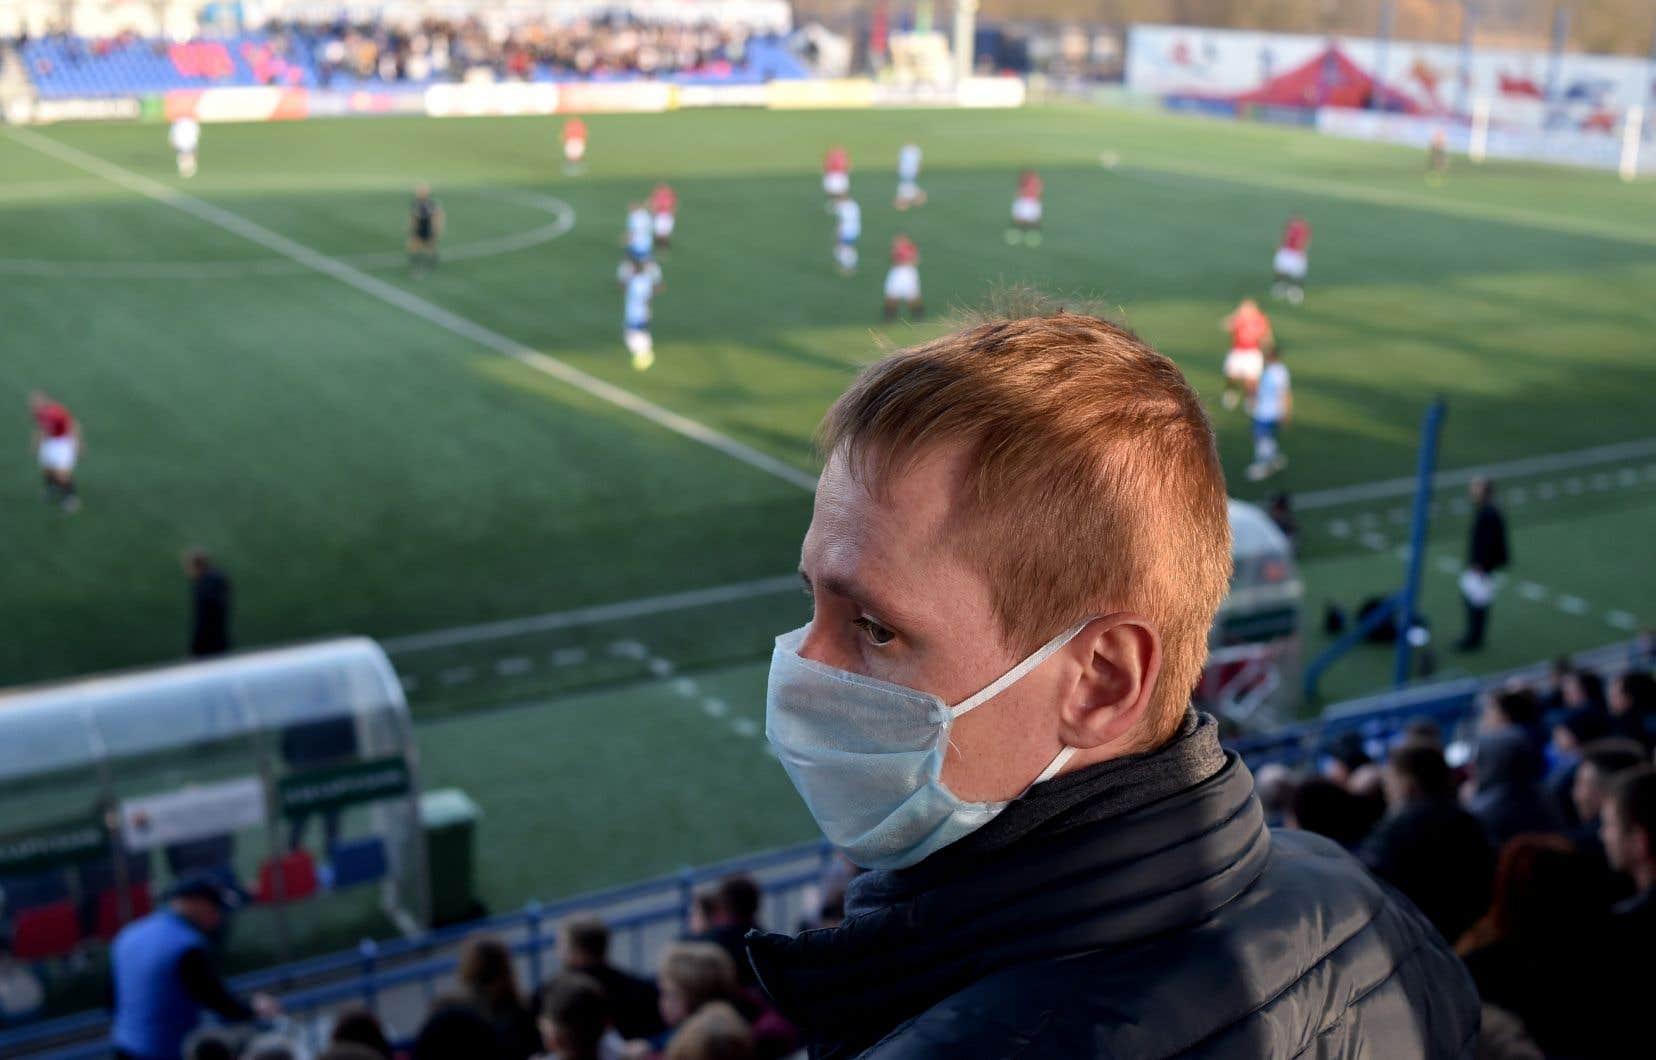 La Biélorussie fait figure d'OVNI en Europe en maintenant son championnat de football et en ne prenant pas de mesures de confinement obligatoire pour limiter l'épidémie.